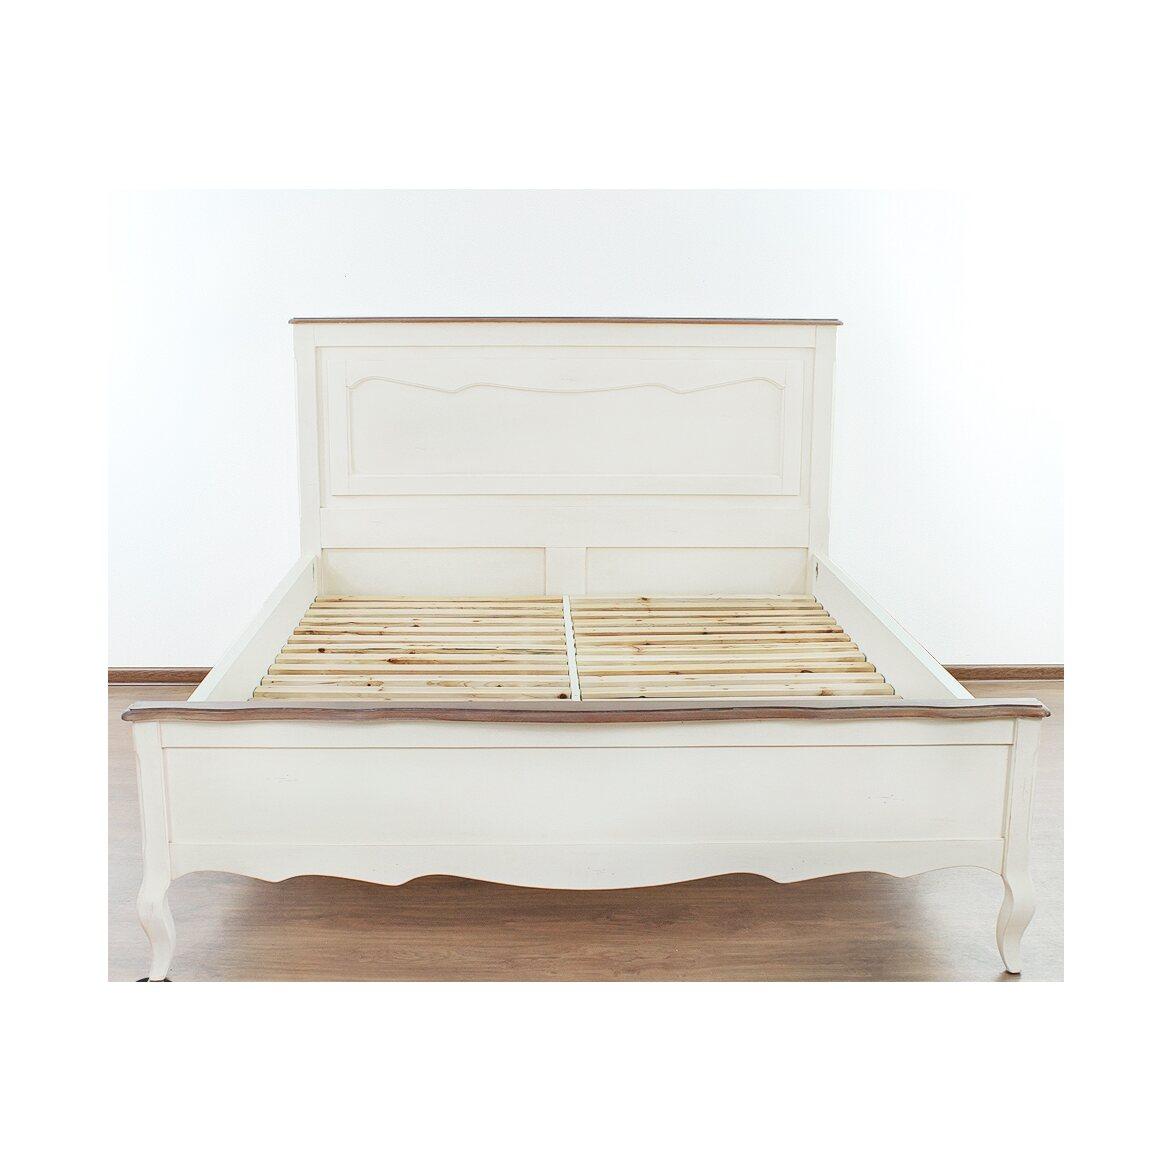 Кровать двуспальная Евро 180*200 Leontina, бежевого цвета   Двуспальные кровати Kingsby